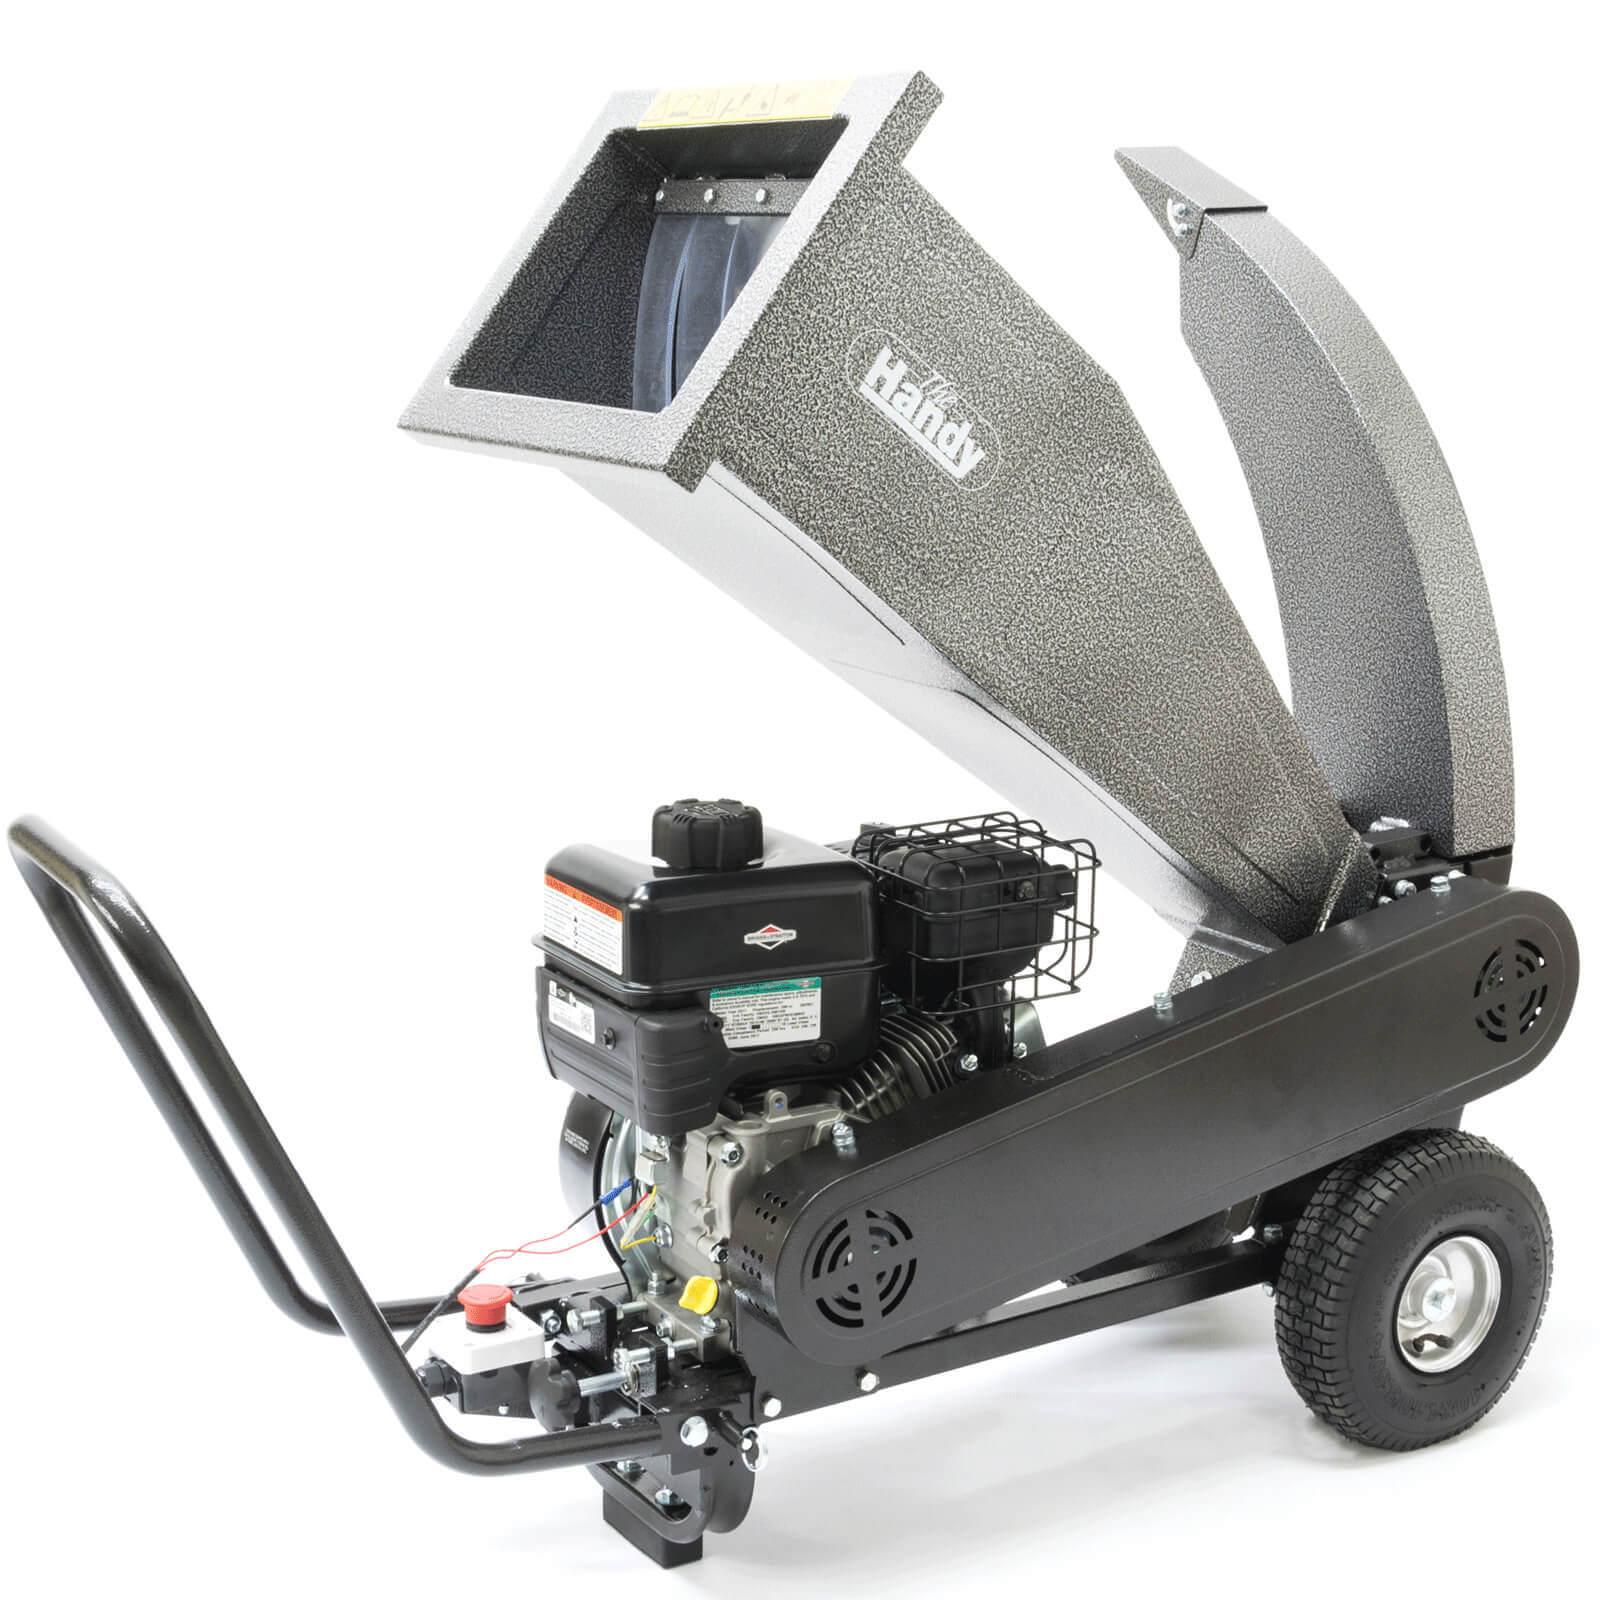 Image of Handy THPDS65 6.5hp Chipper Shredder